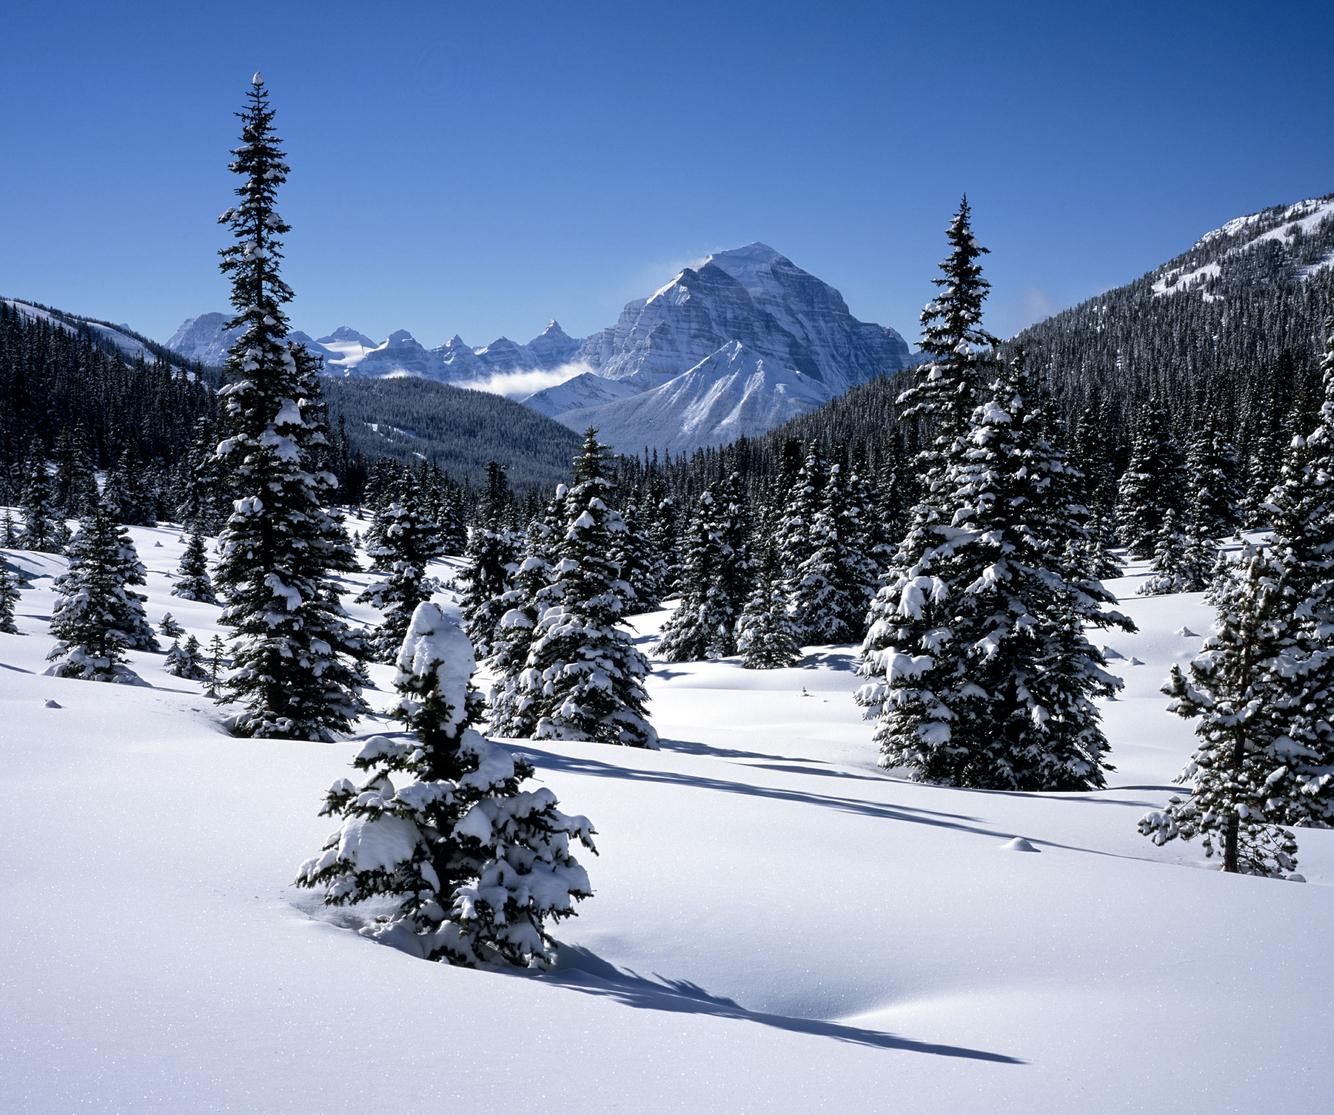 Skoki Lodge Trail